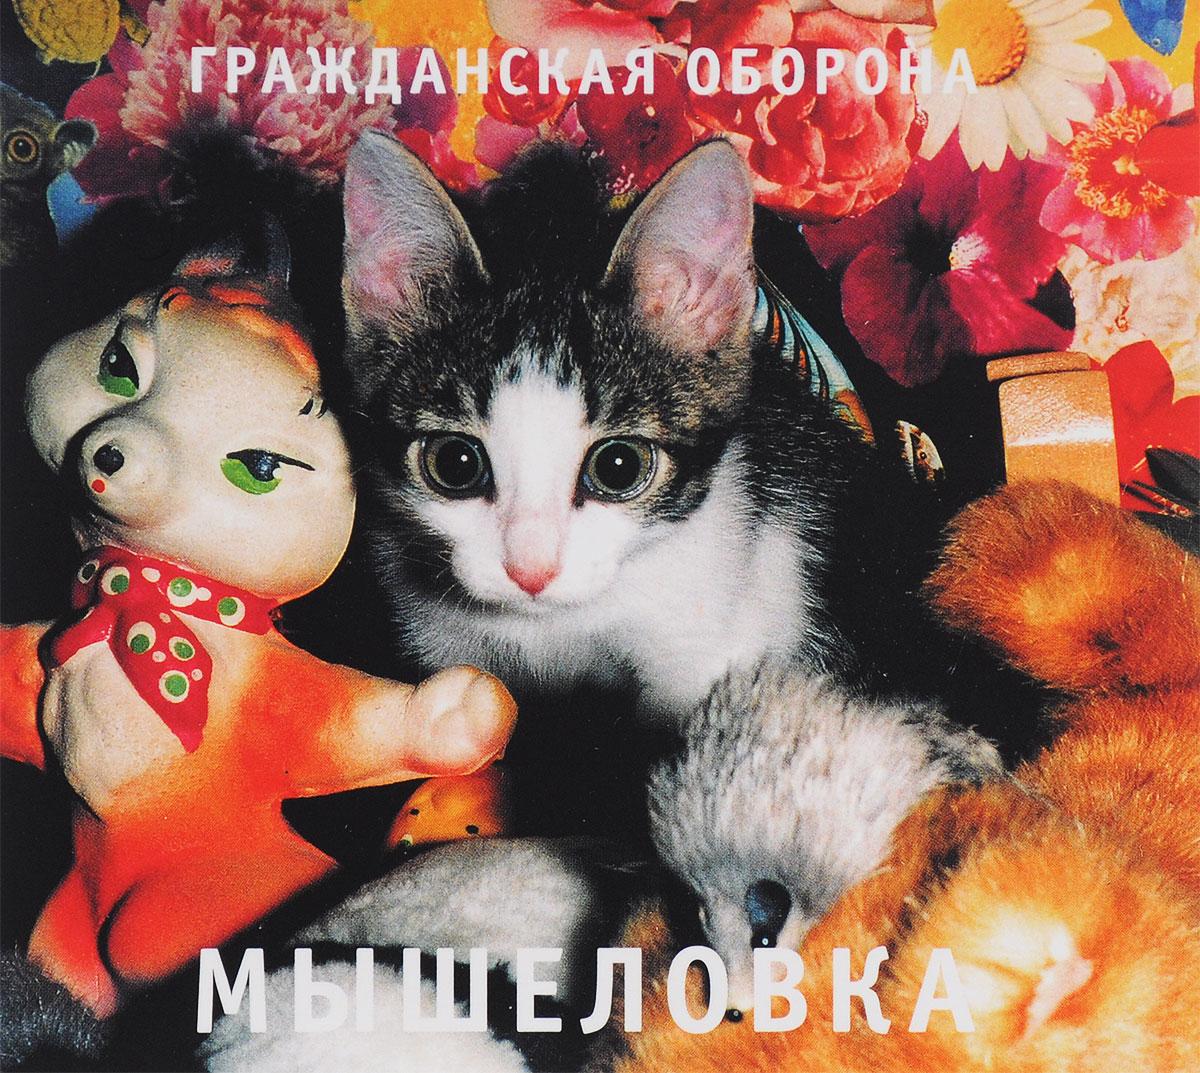 Издание содержит 12-страничный буклет-книгу с фотографиями участников группы и словами песен на русском языке.